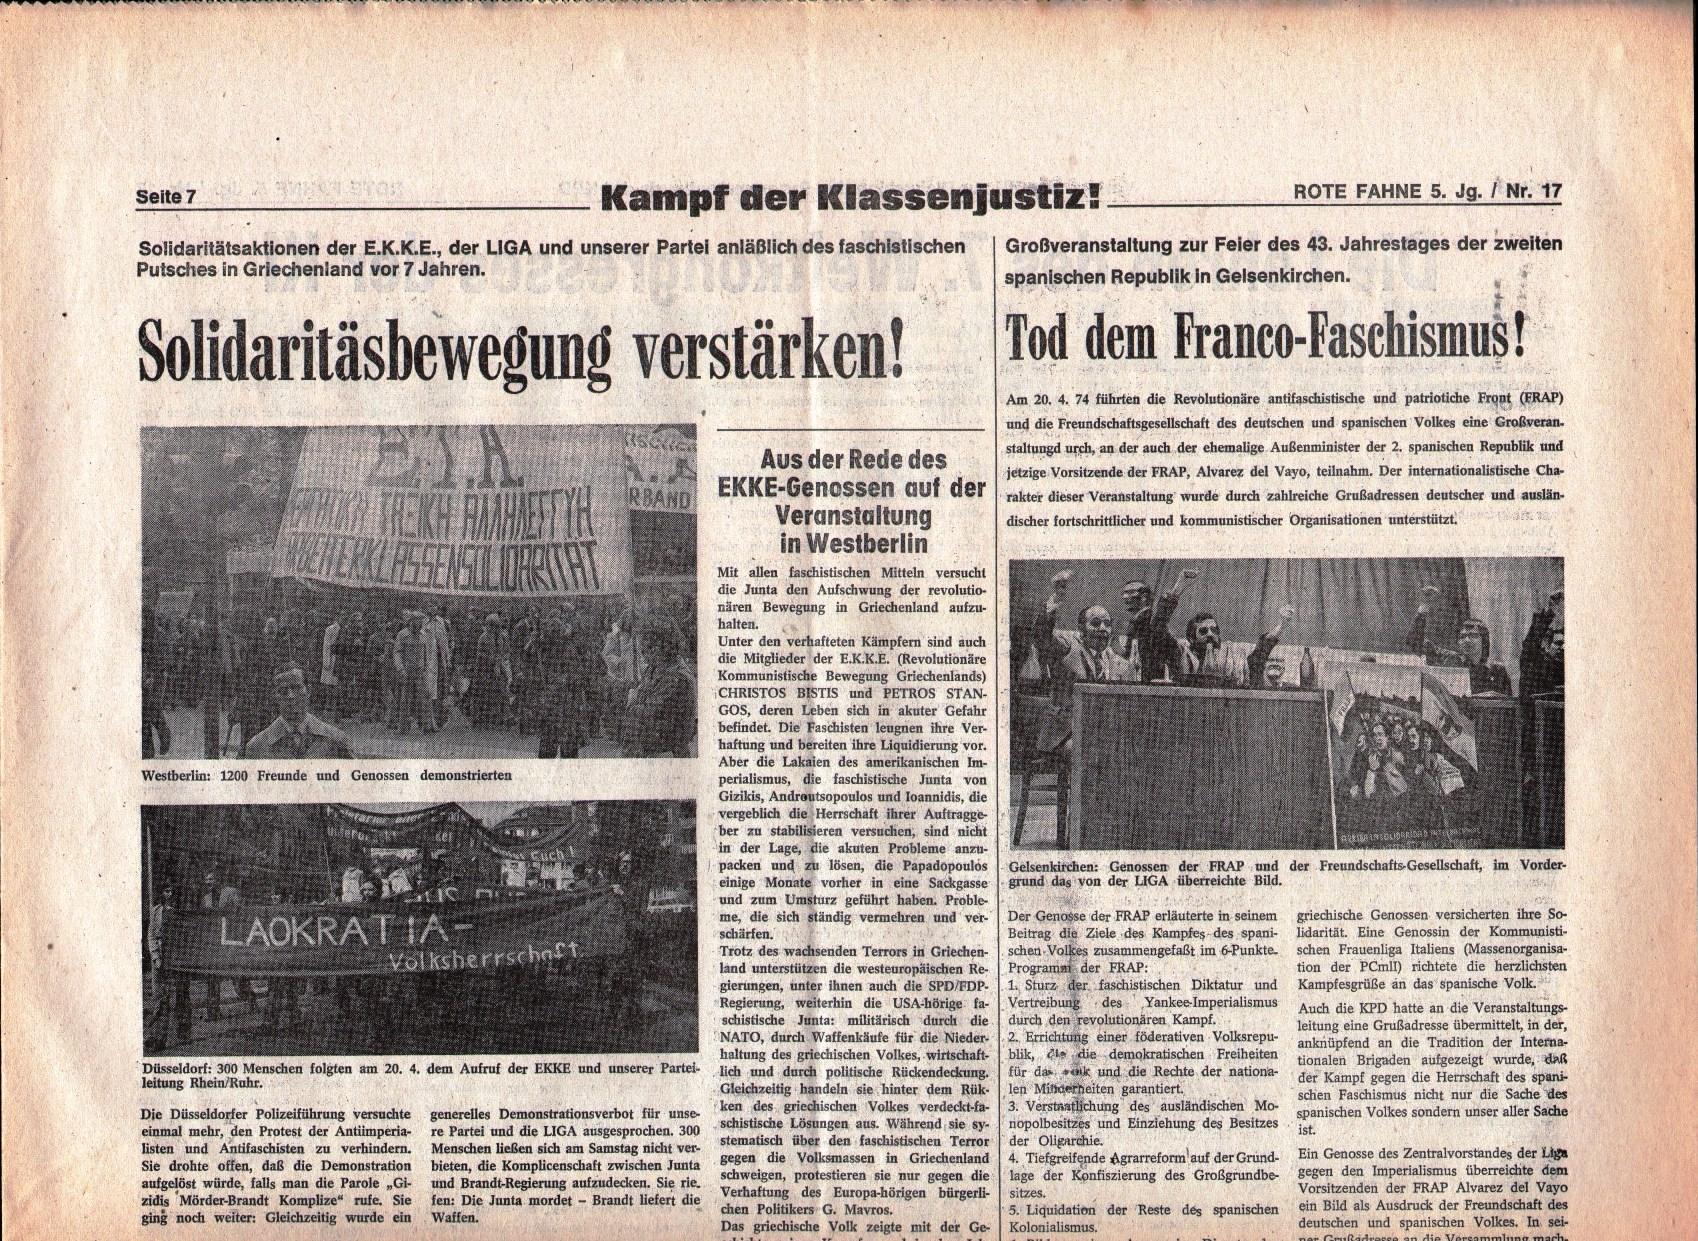 KPD_Rote_Fahne_1974_17_13